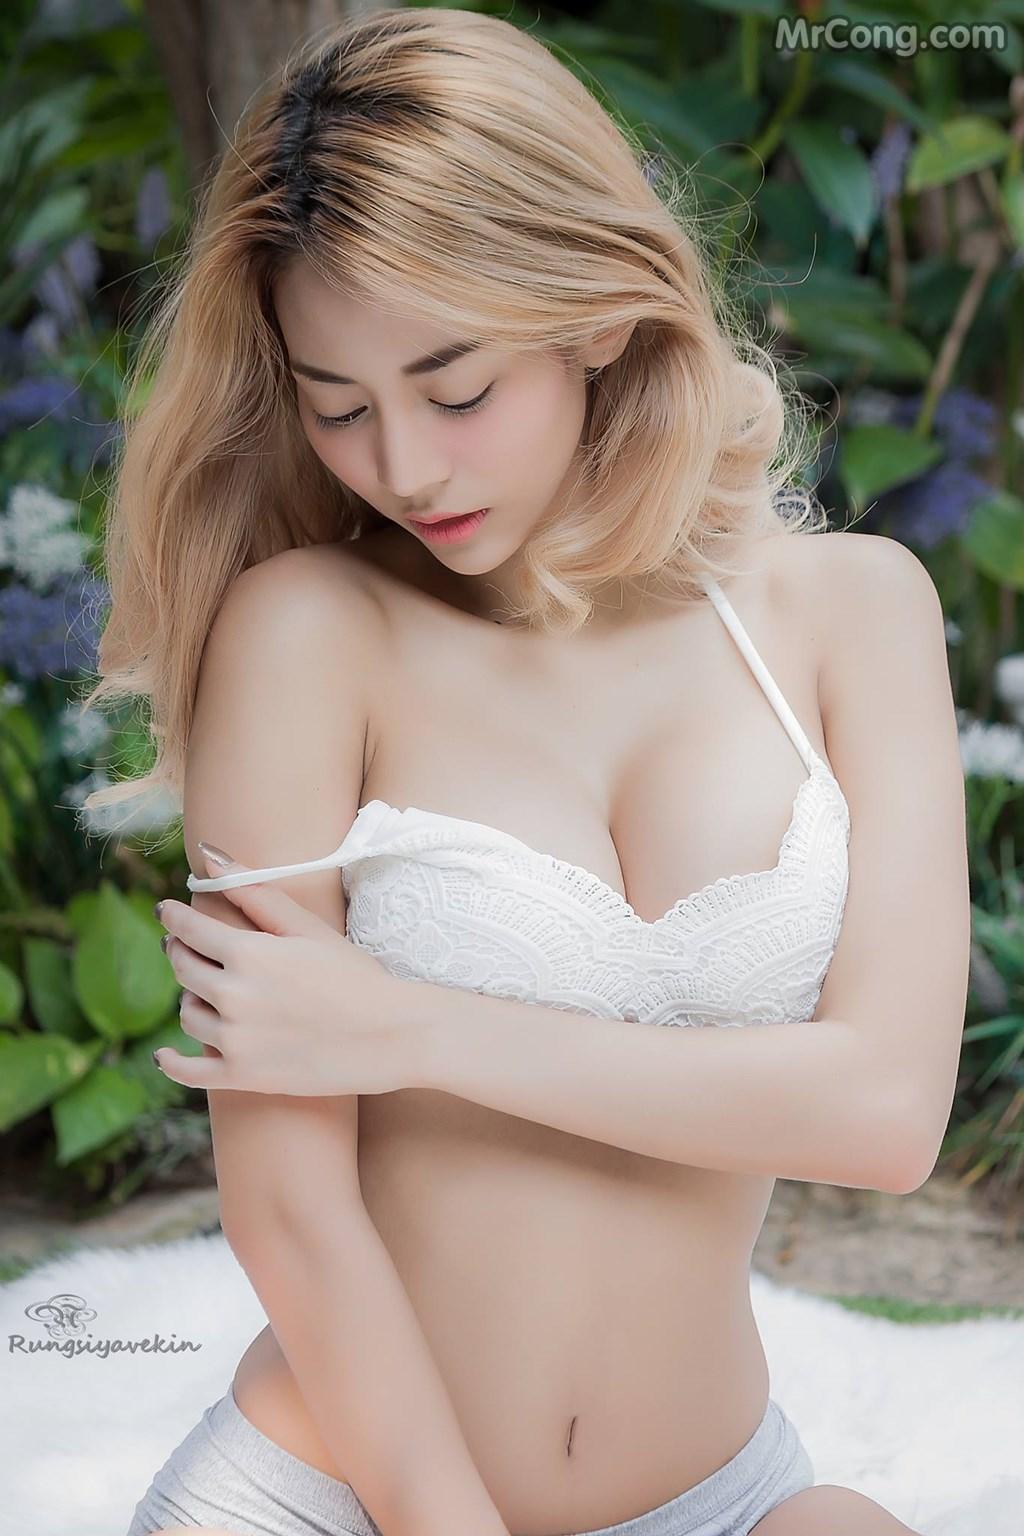 Image Nguoi-mau-Thai-Lan-Jiraporn-Ngamthuan-MrCong.com-008 in post Người đẹp Jiraporn Ngamthuan nóng bỏng tạo dáng với trang phục biển mát rượi (28 ảnh)